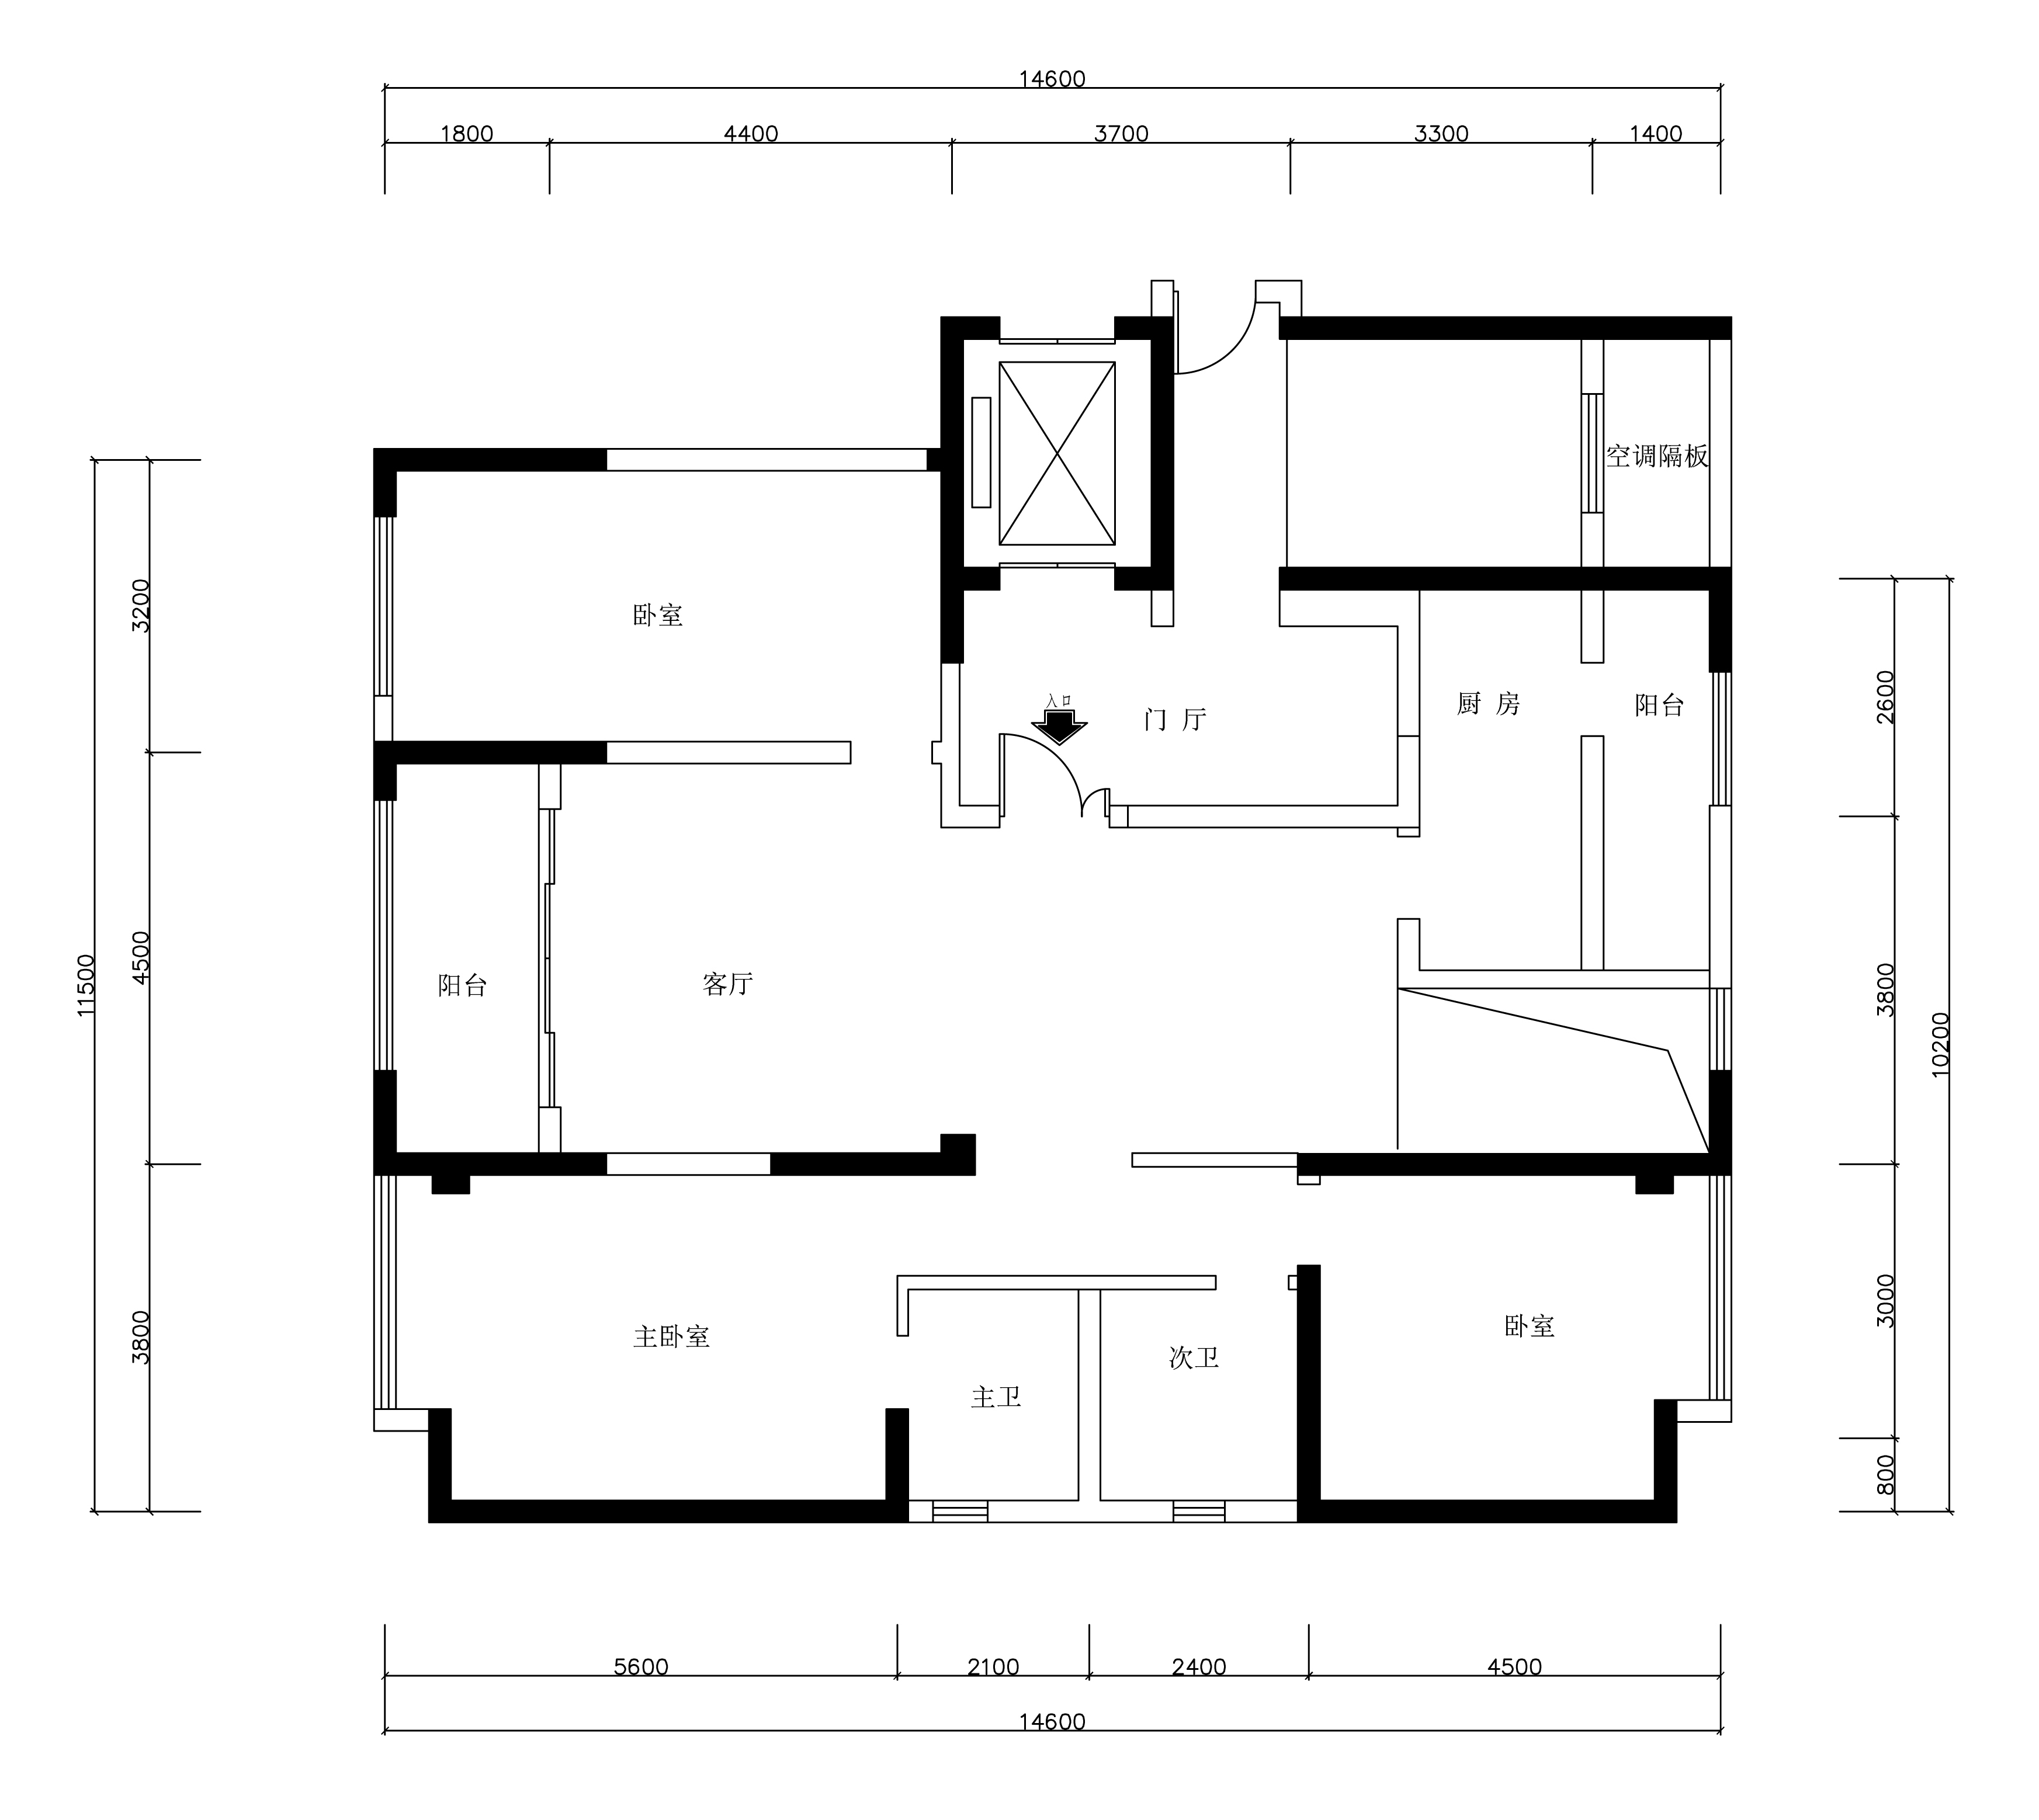 昆明海埂悦府146平米现代简约风格装修效果图装修设计理念